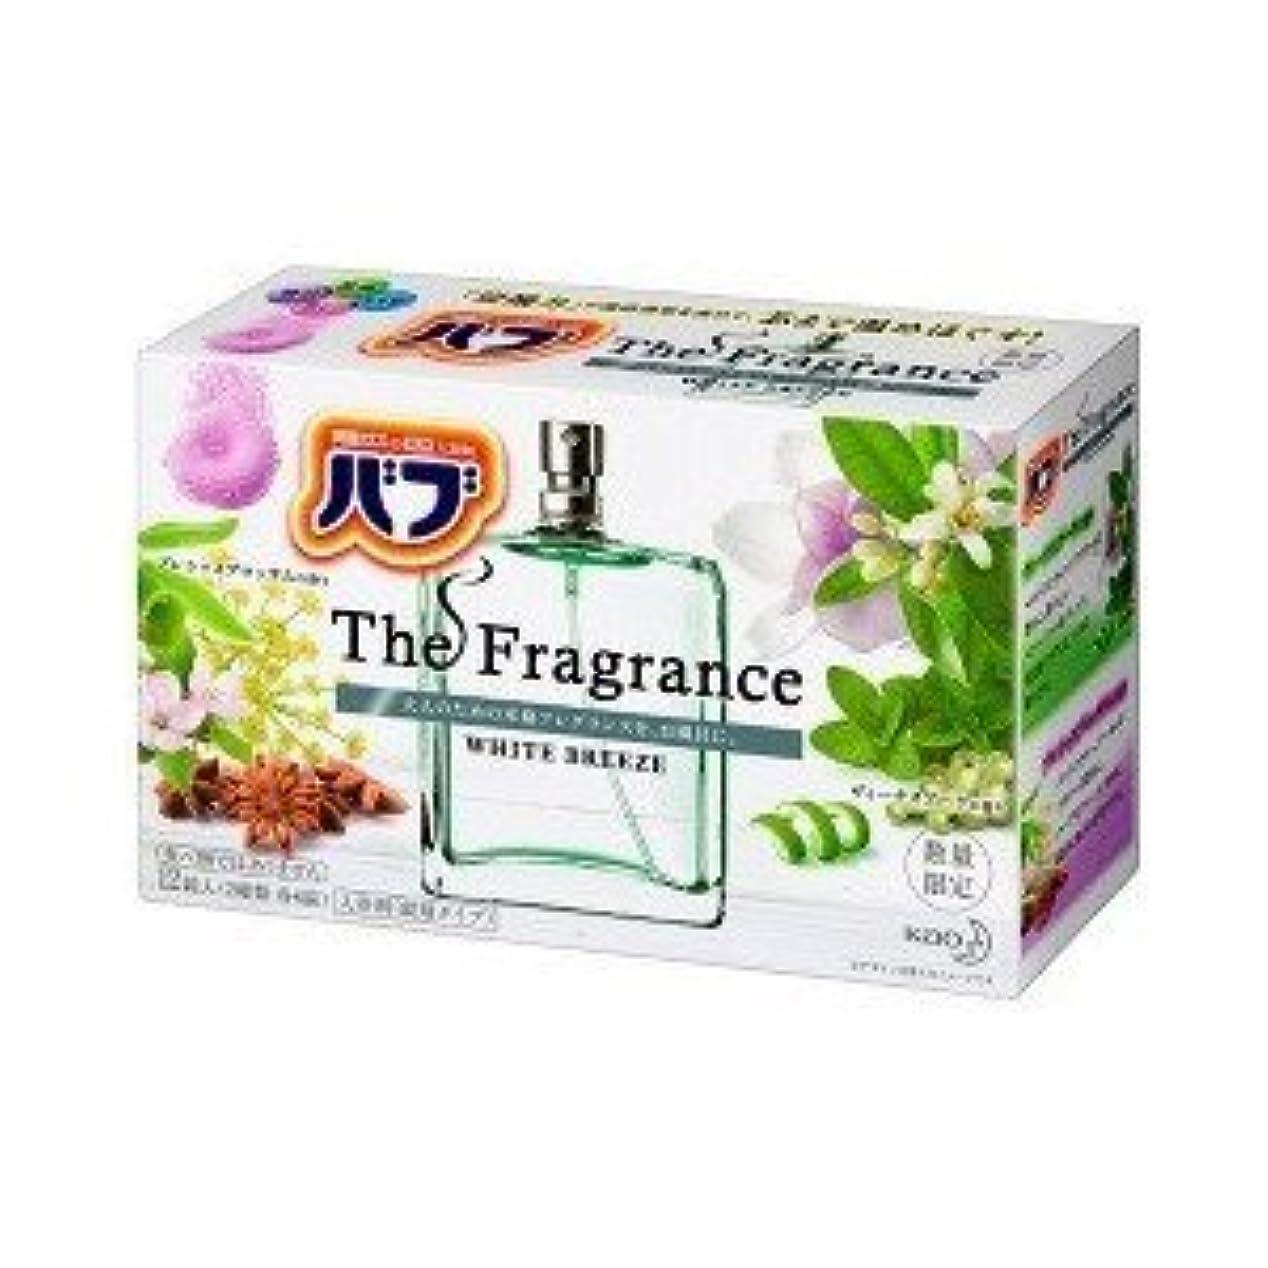 【数量限定】 バブ The Fragrance 12錠入 (WHITE BREEZE)